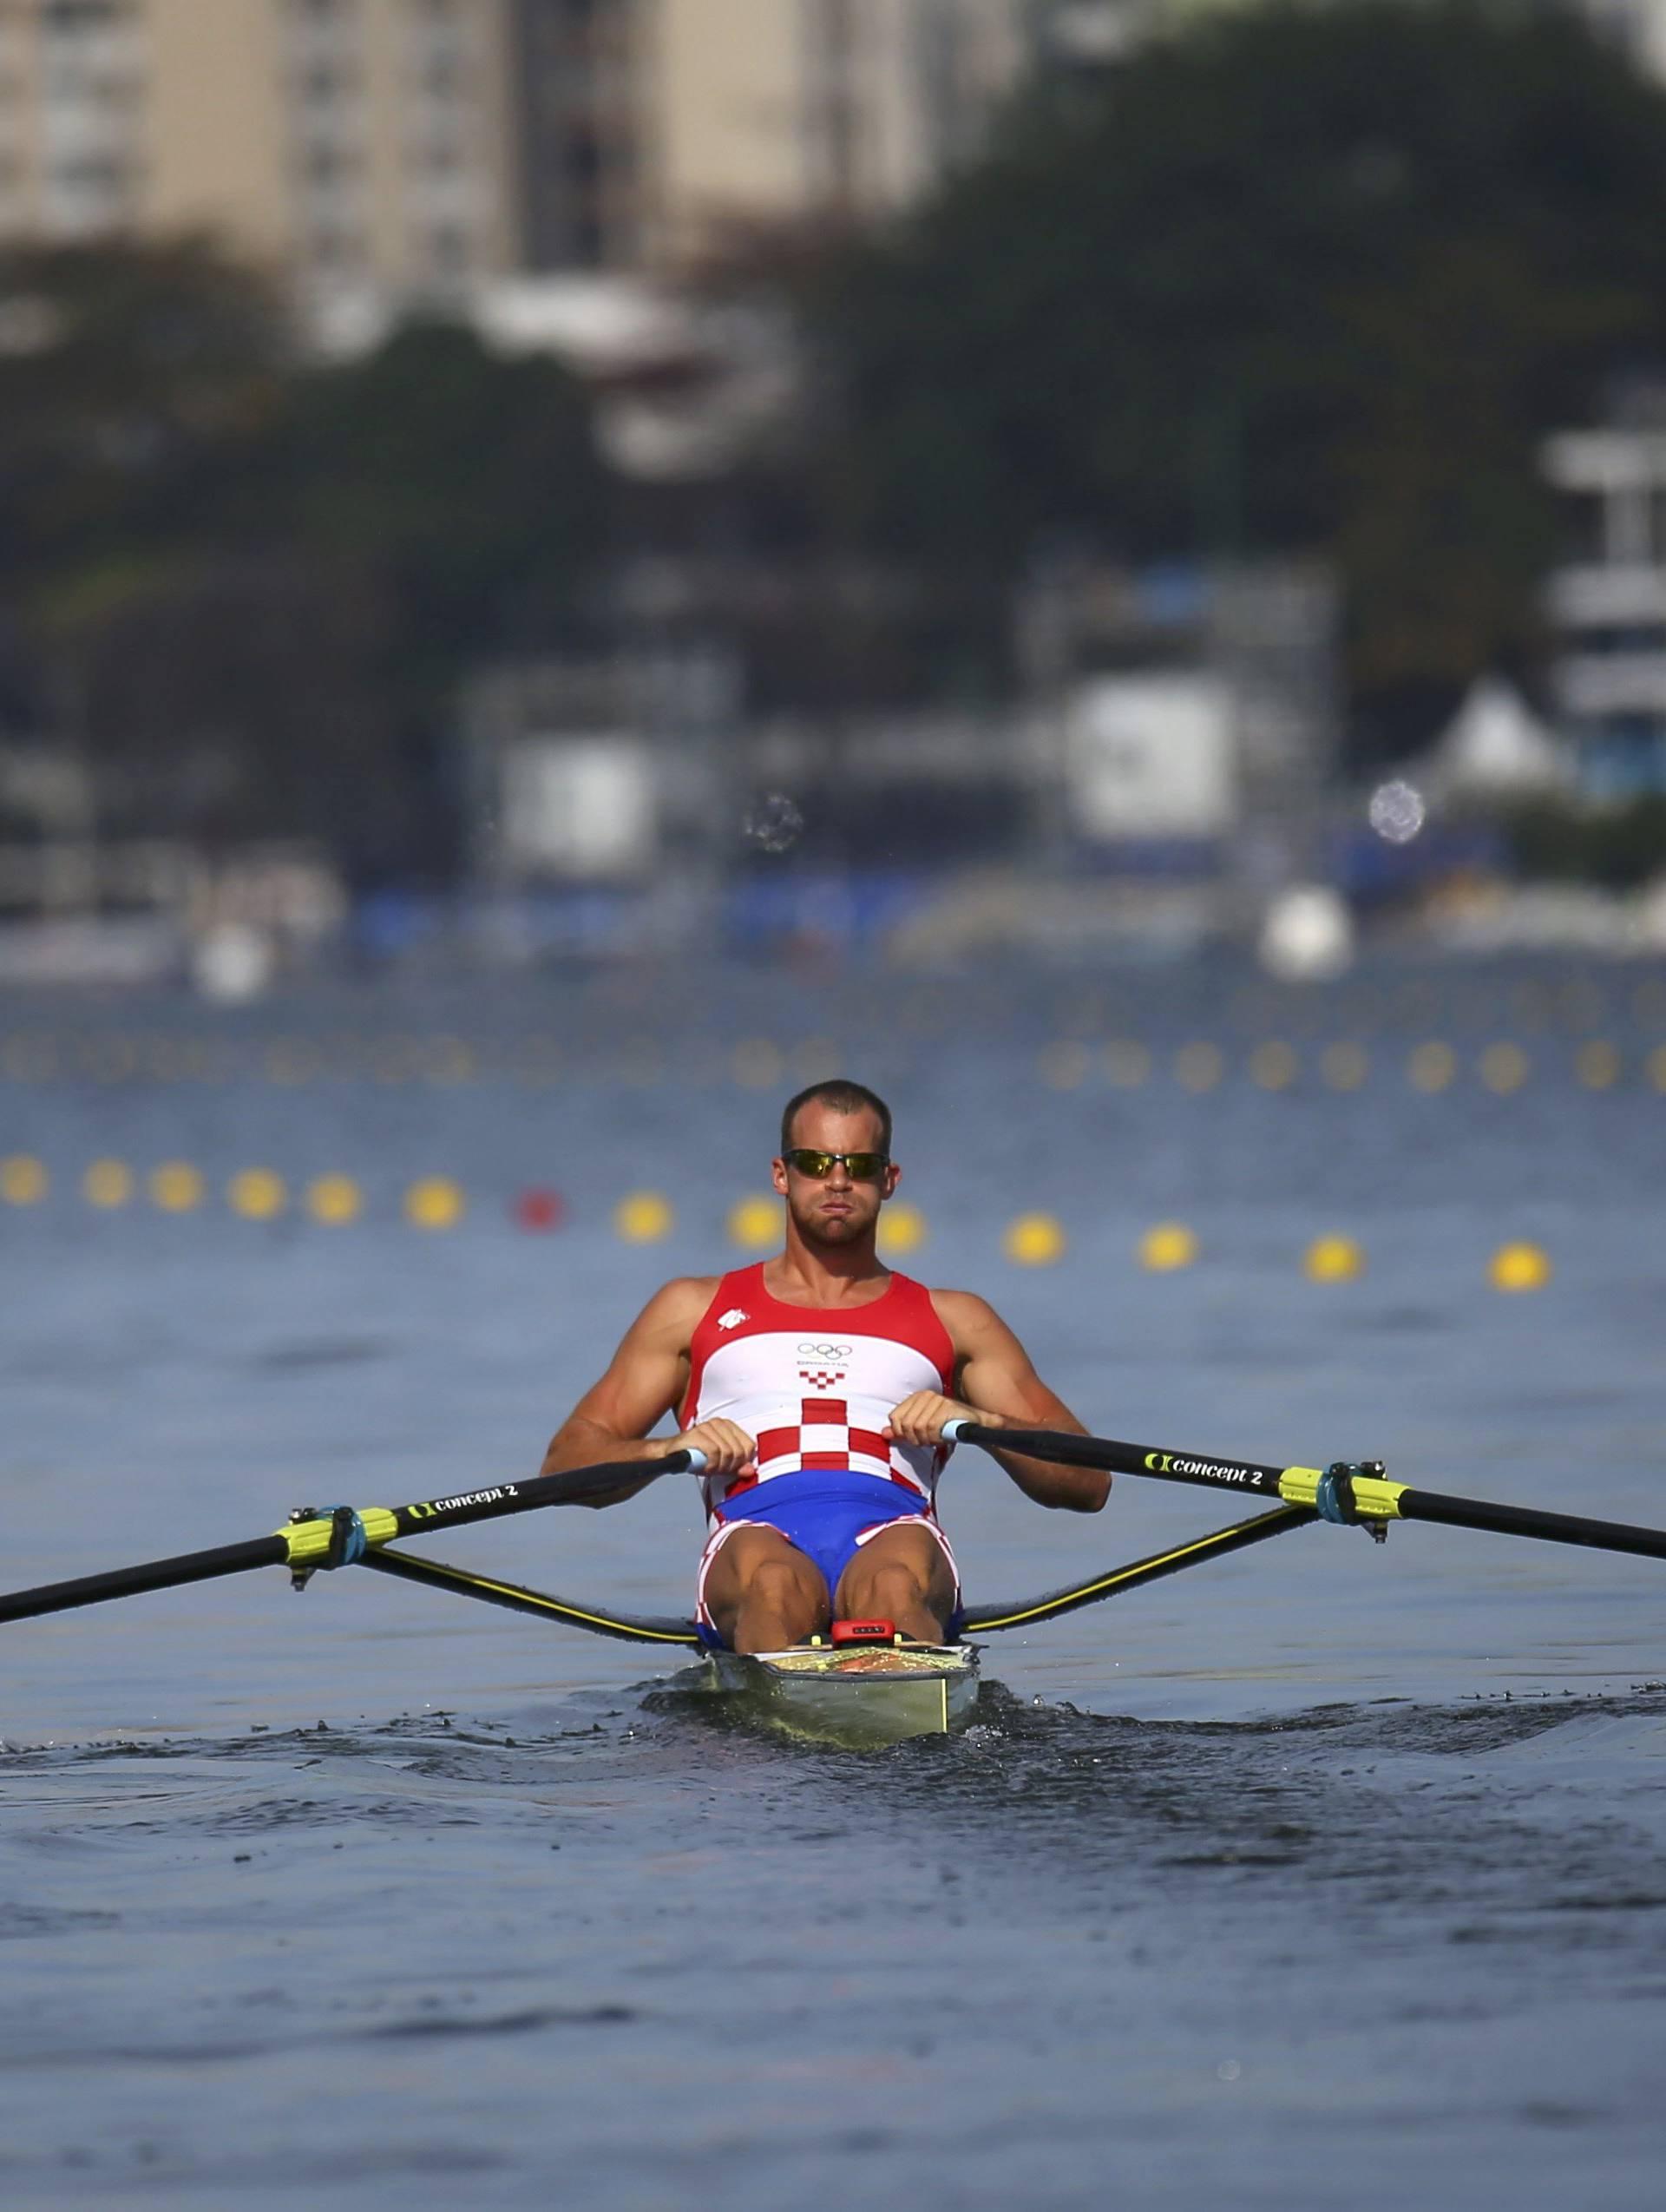 Rowing - Men's Single Sculls Heats